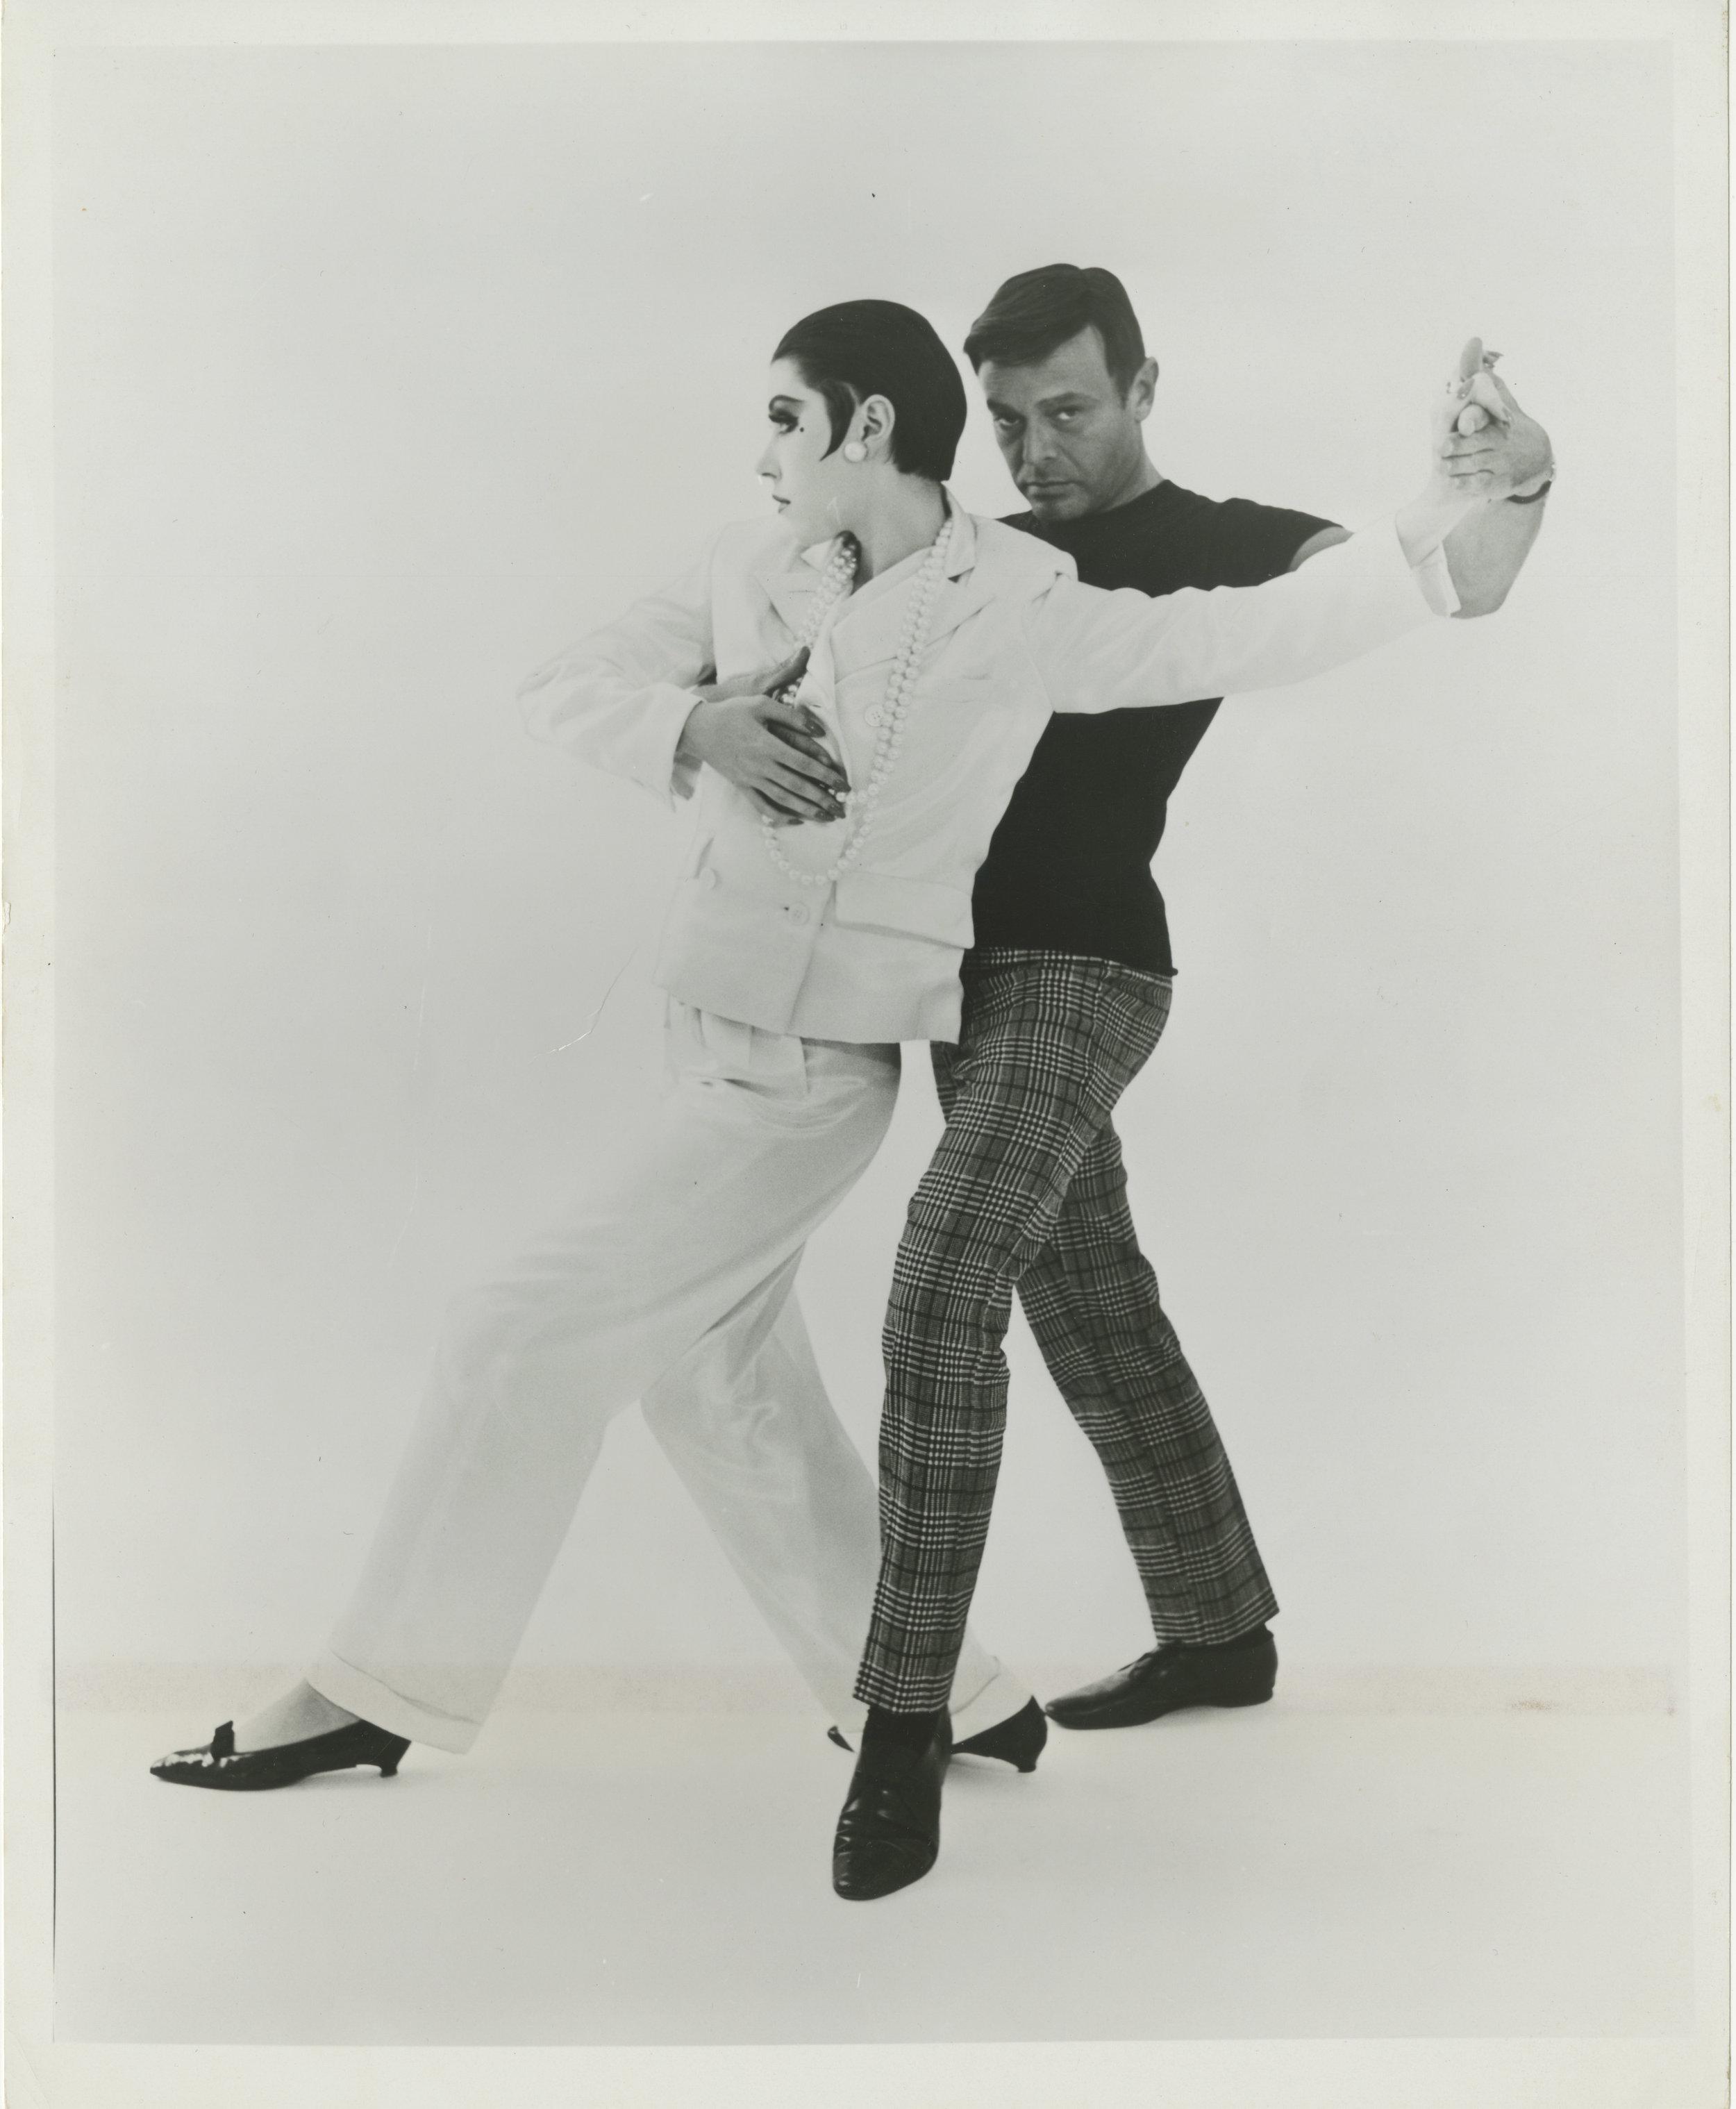 UCLA_Claxton_Gernreich and Moffitt Dancing.jpg